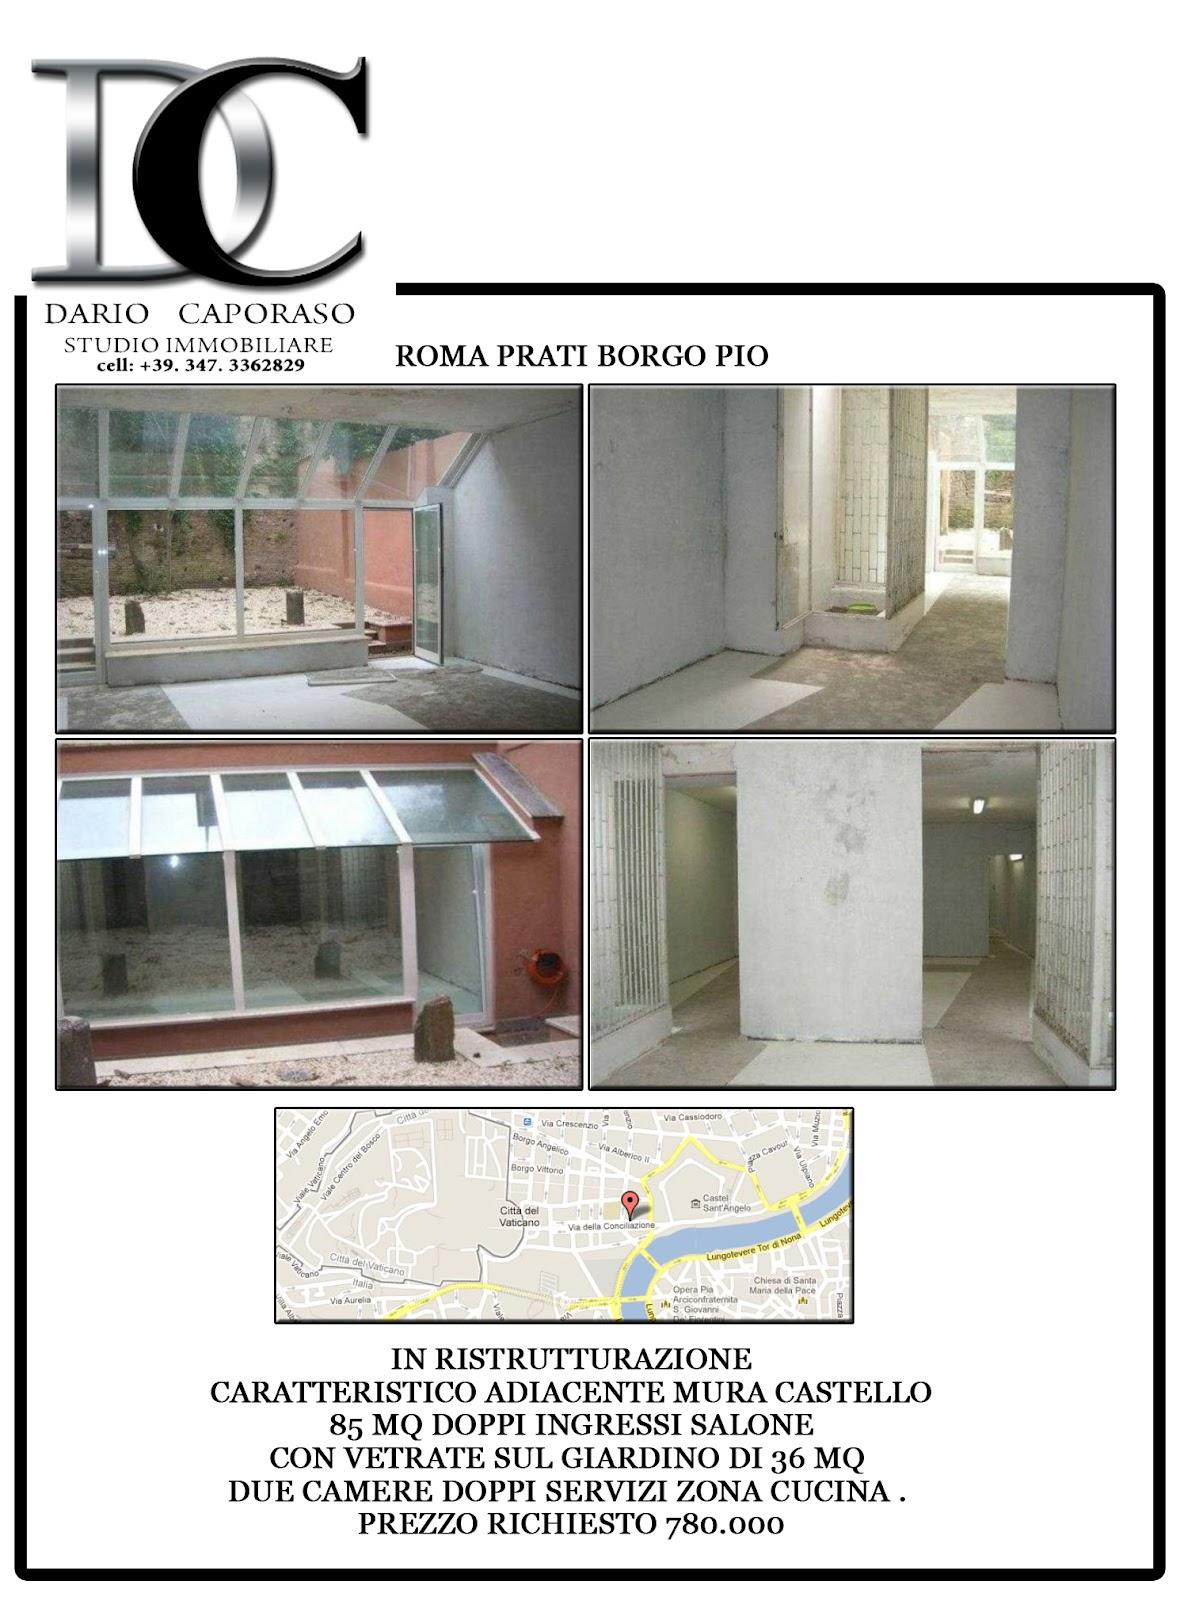 Dc studio immobiliare appartamento roma prati for Studio i m immobiliare milano